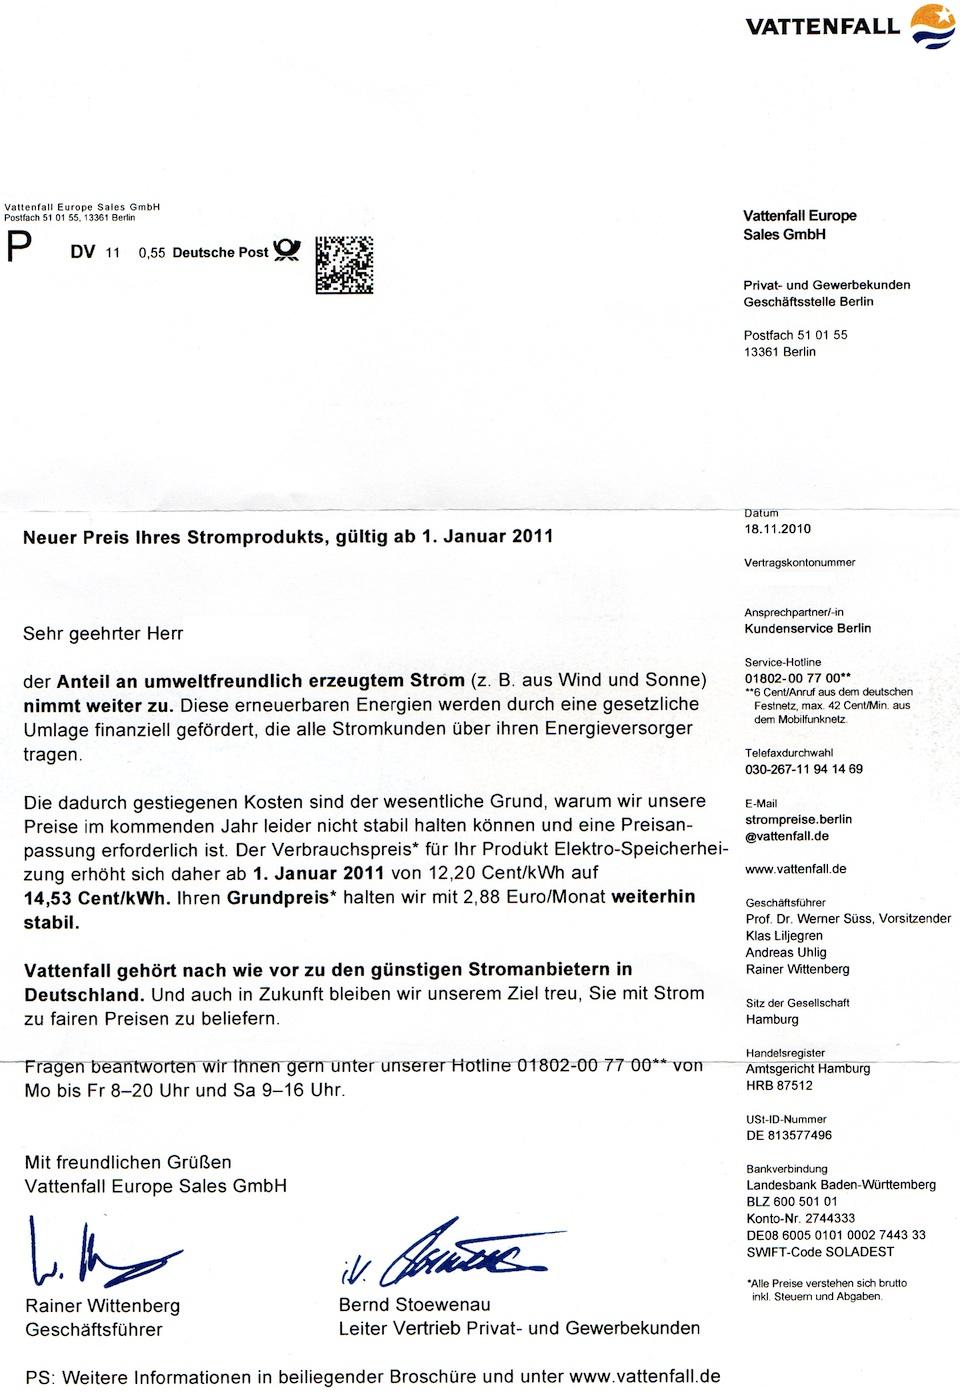 Brief Von Neuseeland Nach Deutschland Kosten : Bis zum klimaverträglichen frühableben